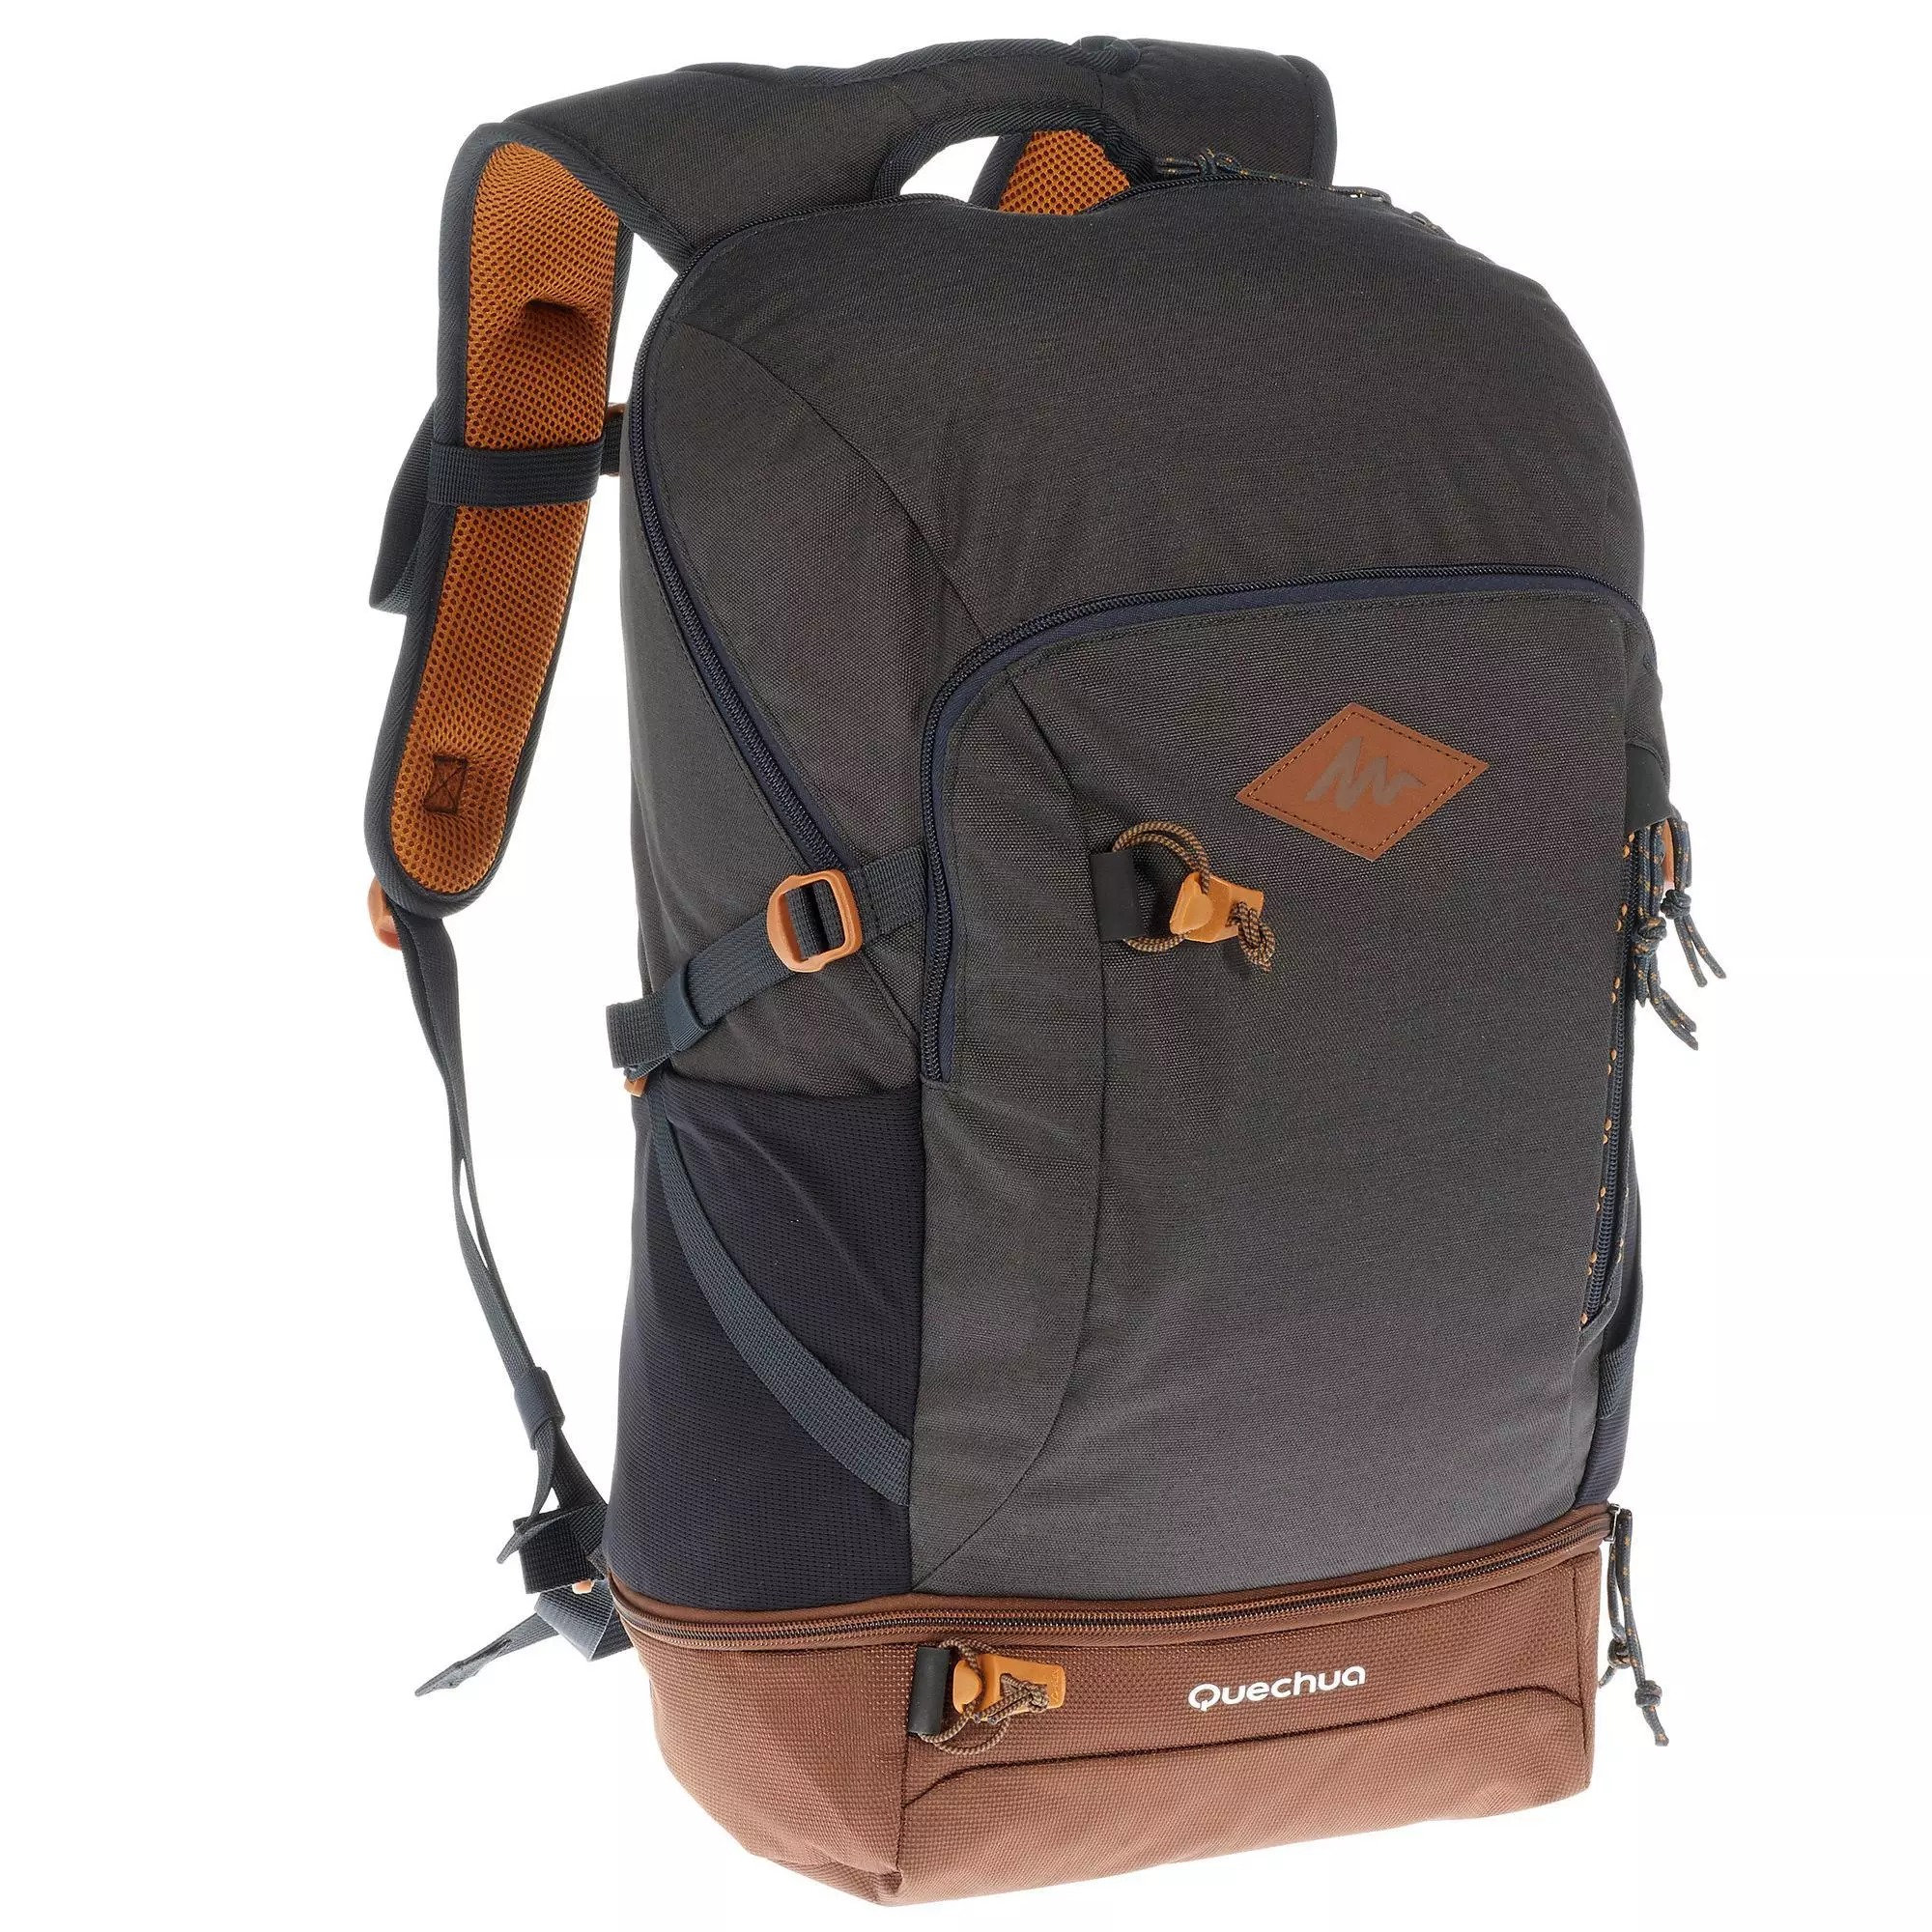 Nuestro equipo de practicantes ha concebido la mochila NH500 30 L para acompañar tus rutas de un día, por el bosque o el litoral, incluso bajo la lluvia.